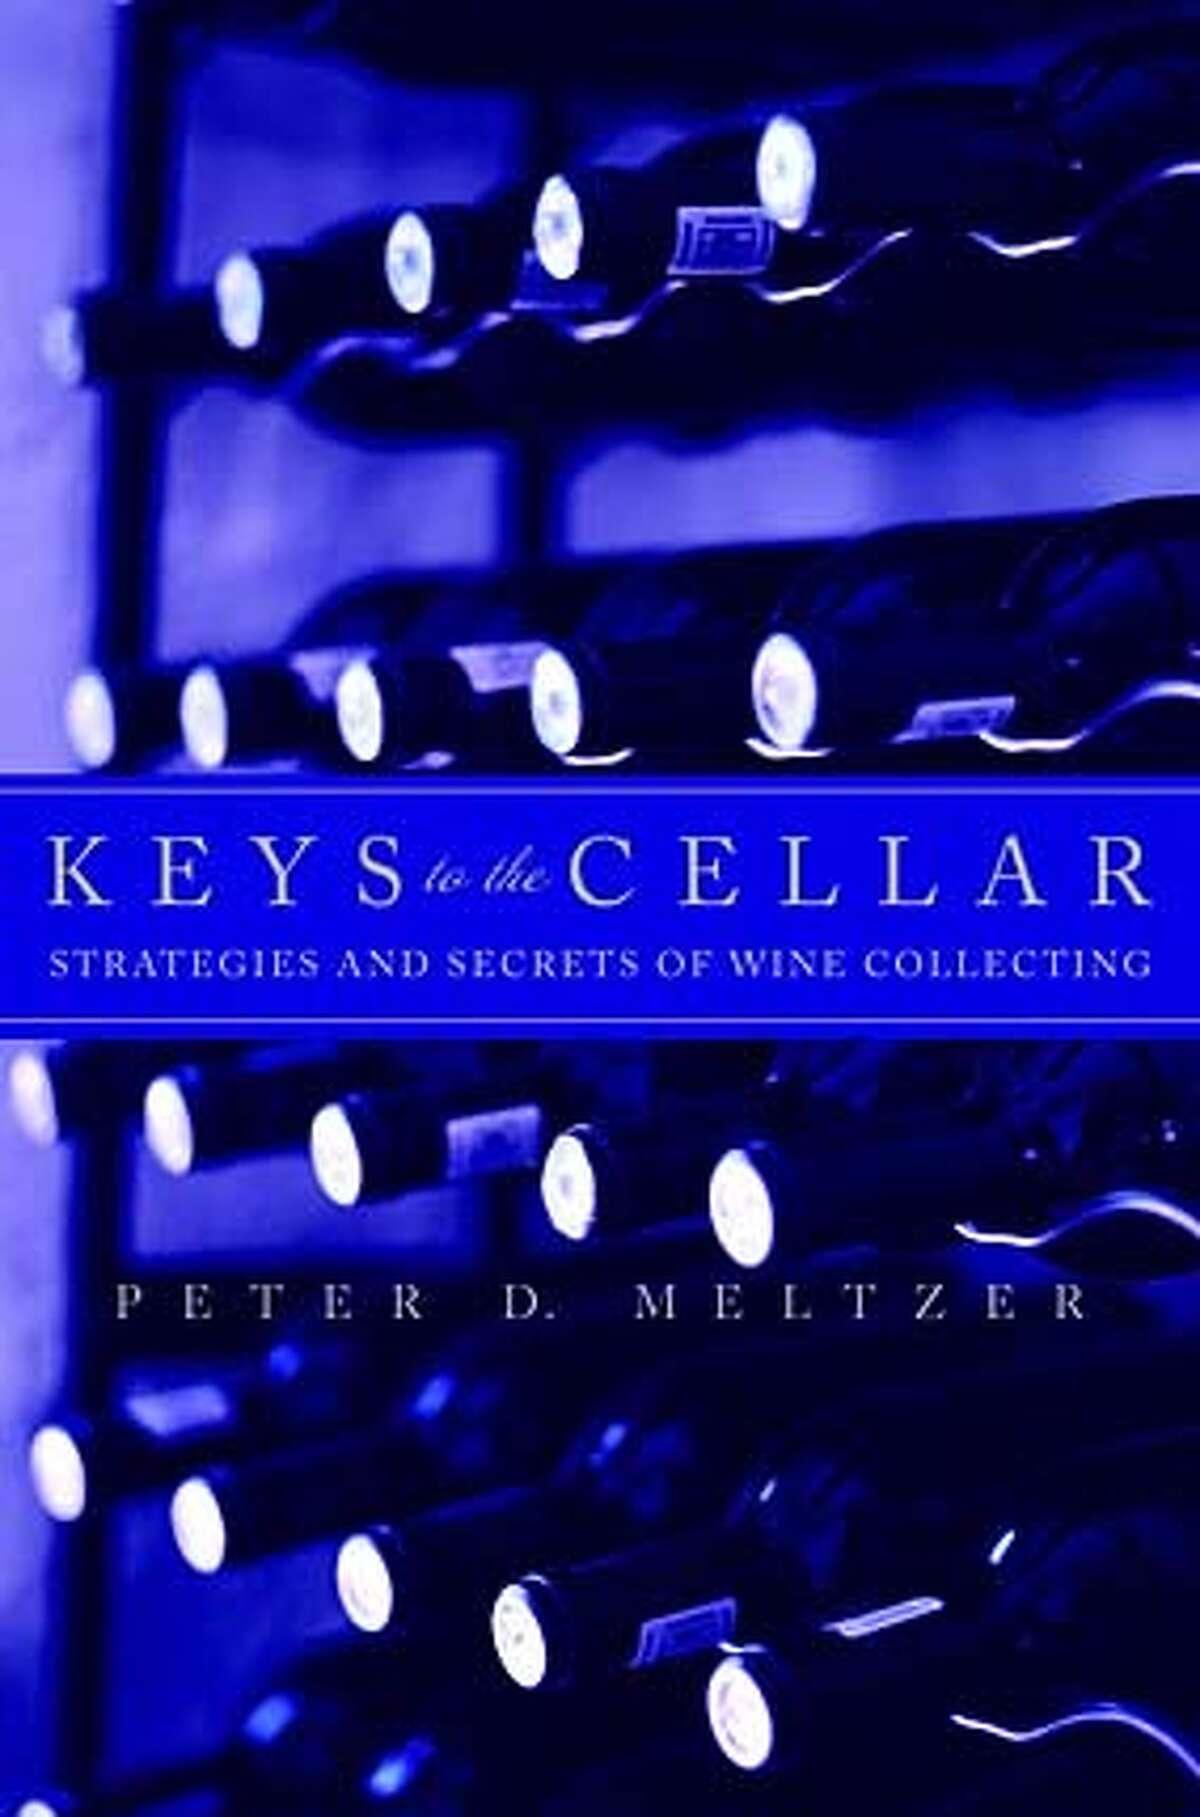 Peter D. Meltzer's new book